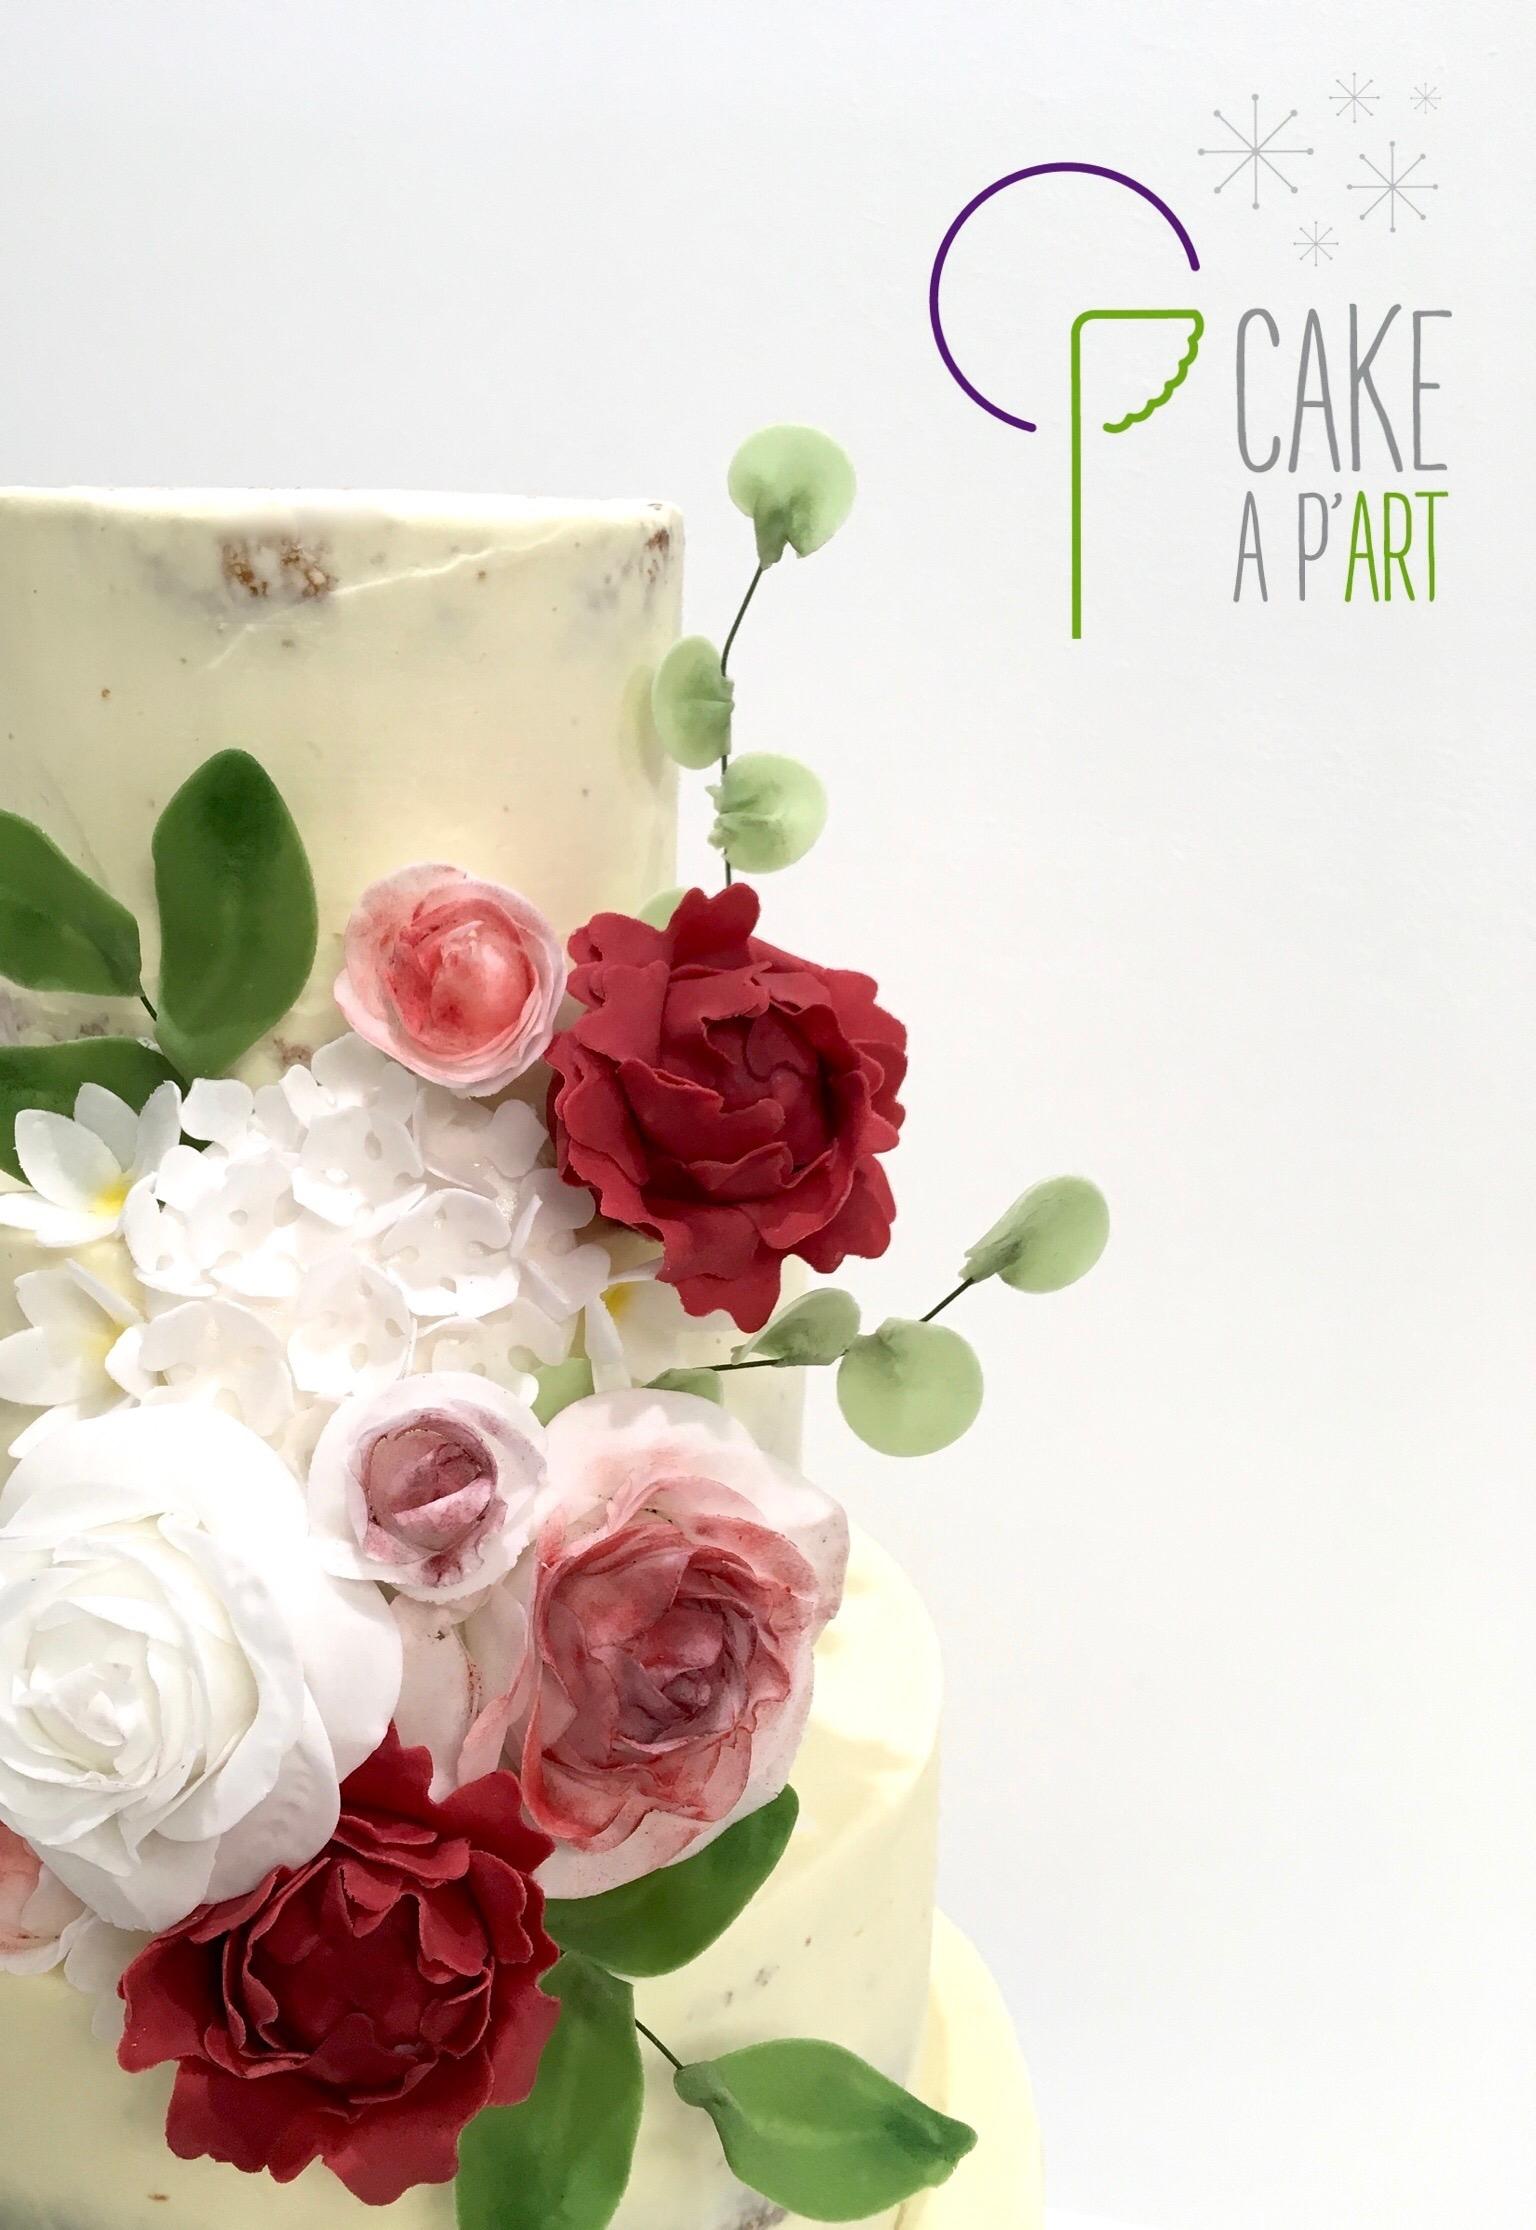 Décor en sucre gâteaux personnalisés - Nude Cake Mariage fleurs Roses hortensias